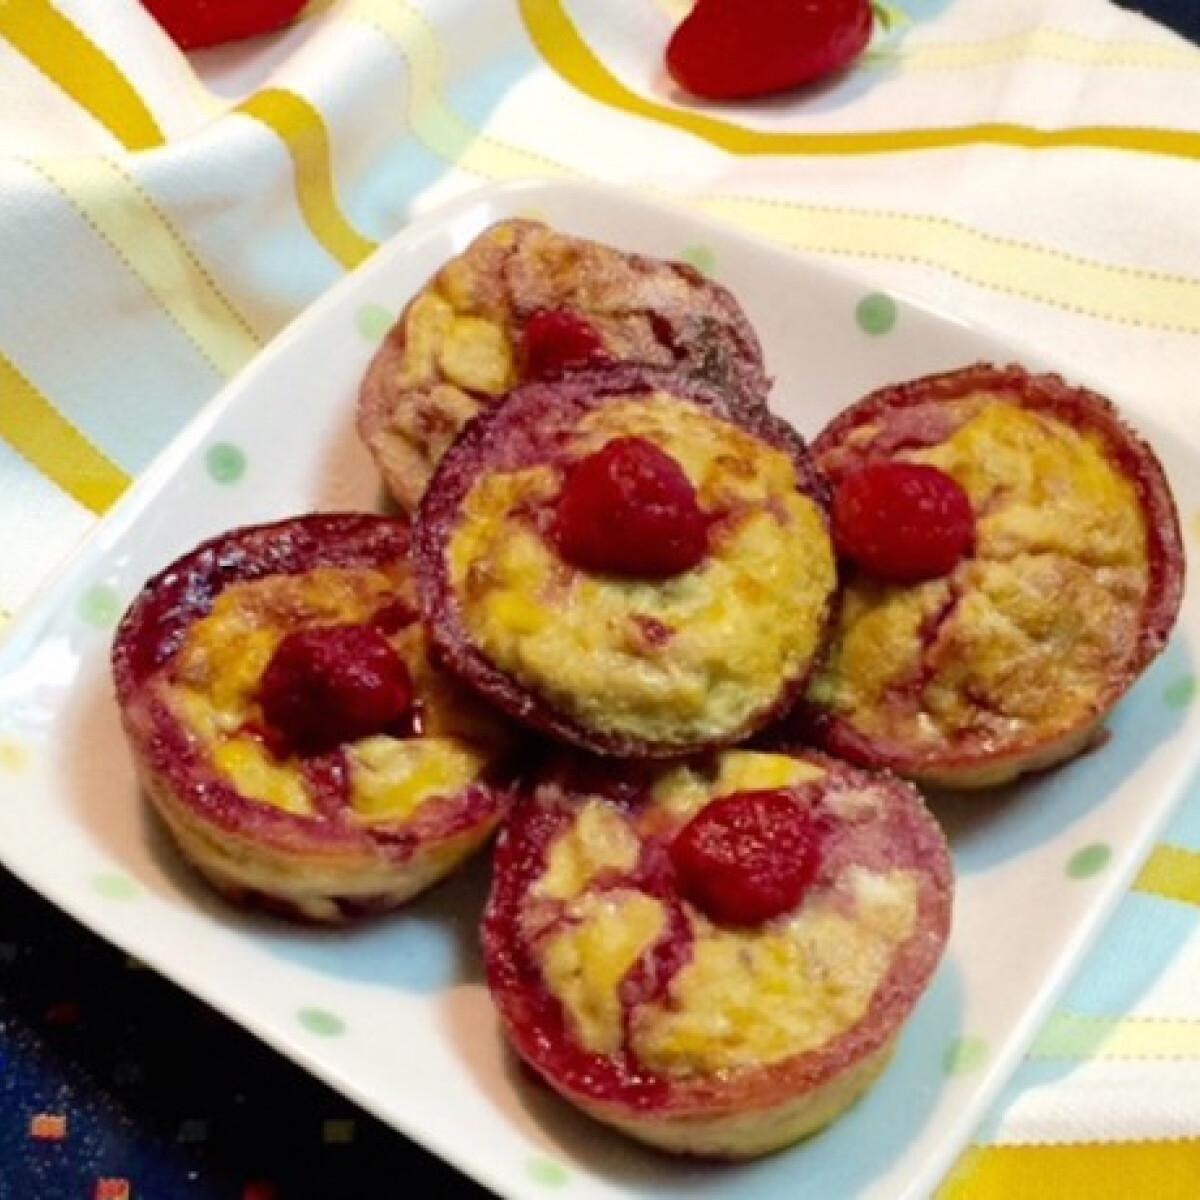 Ezen a képen: Diétás reform muffin 3 alapanyagból